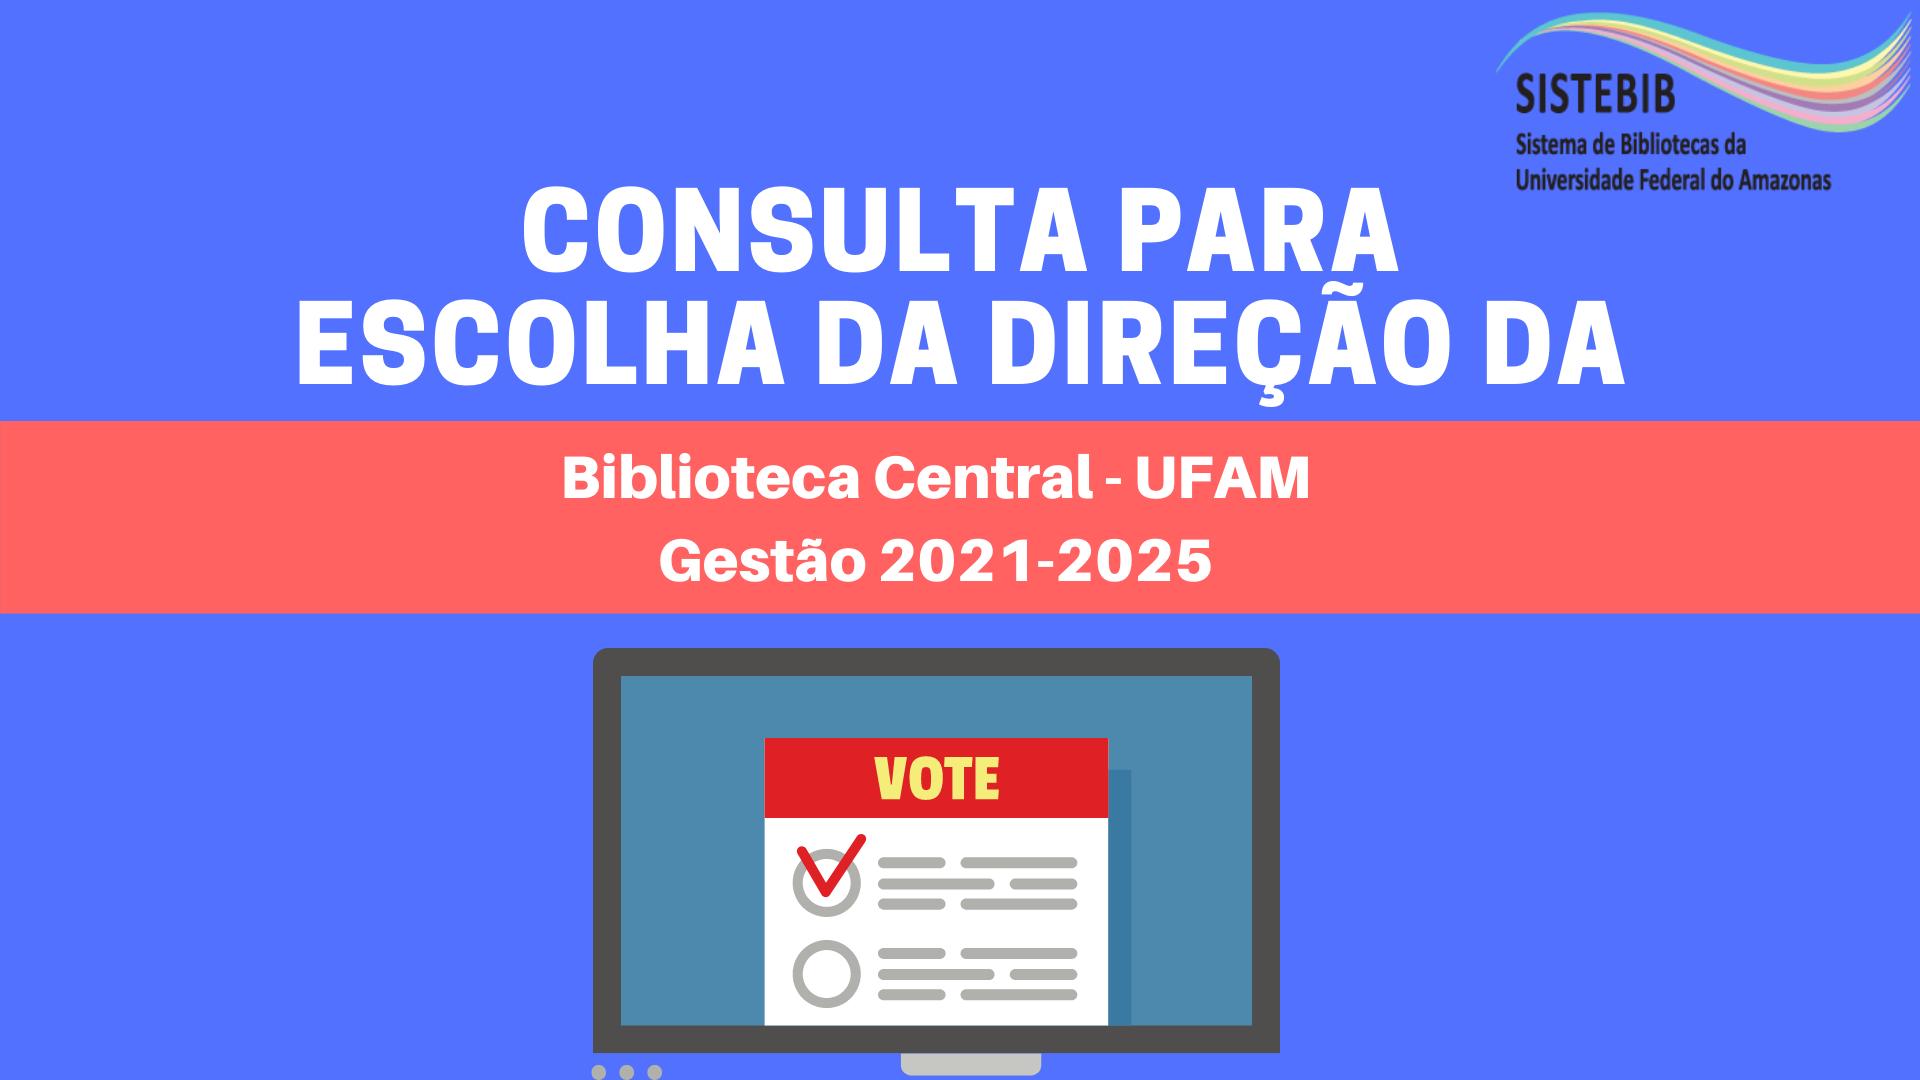 ABERTURA DO PROCESSO DE CONSULTA PARA ESCOLHA DA DIREÇÃO DA BIBLIOTECA CENTRAL DA UNIVERSIDADE FEDERAL DO AMAZONAS GESTÃO 2021-2025